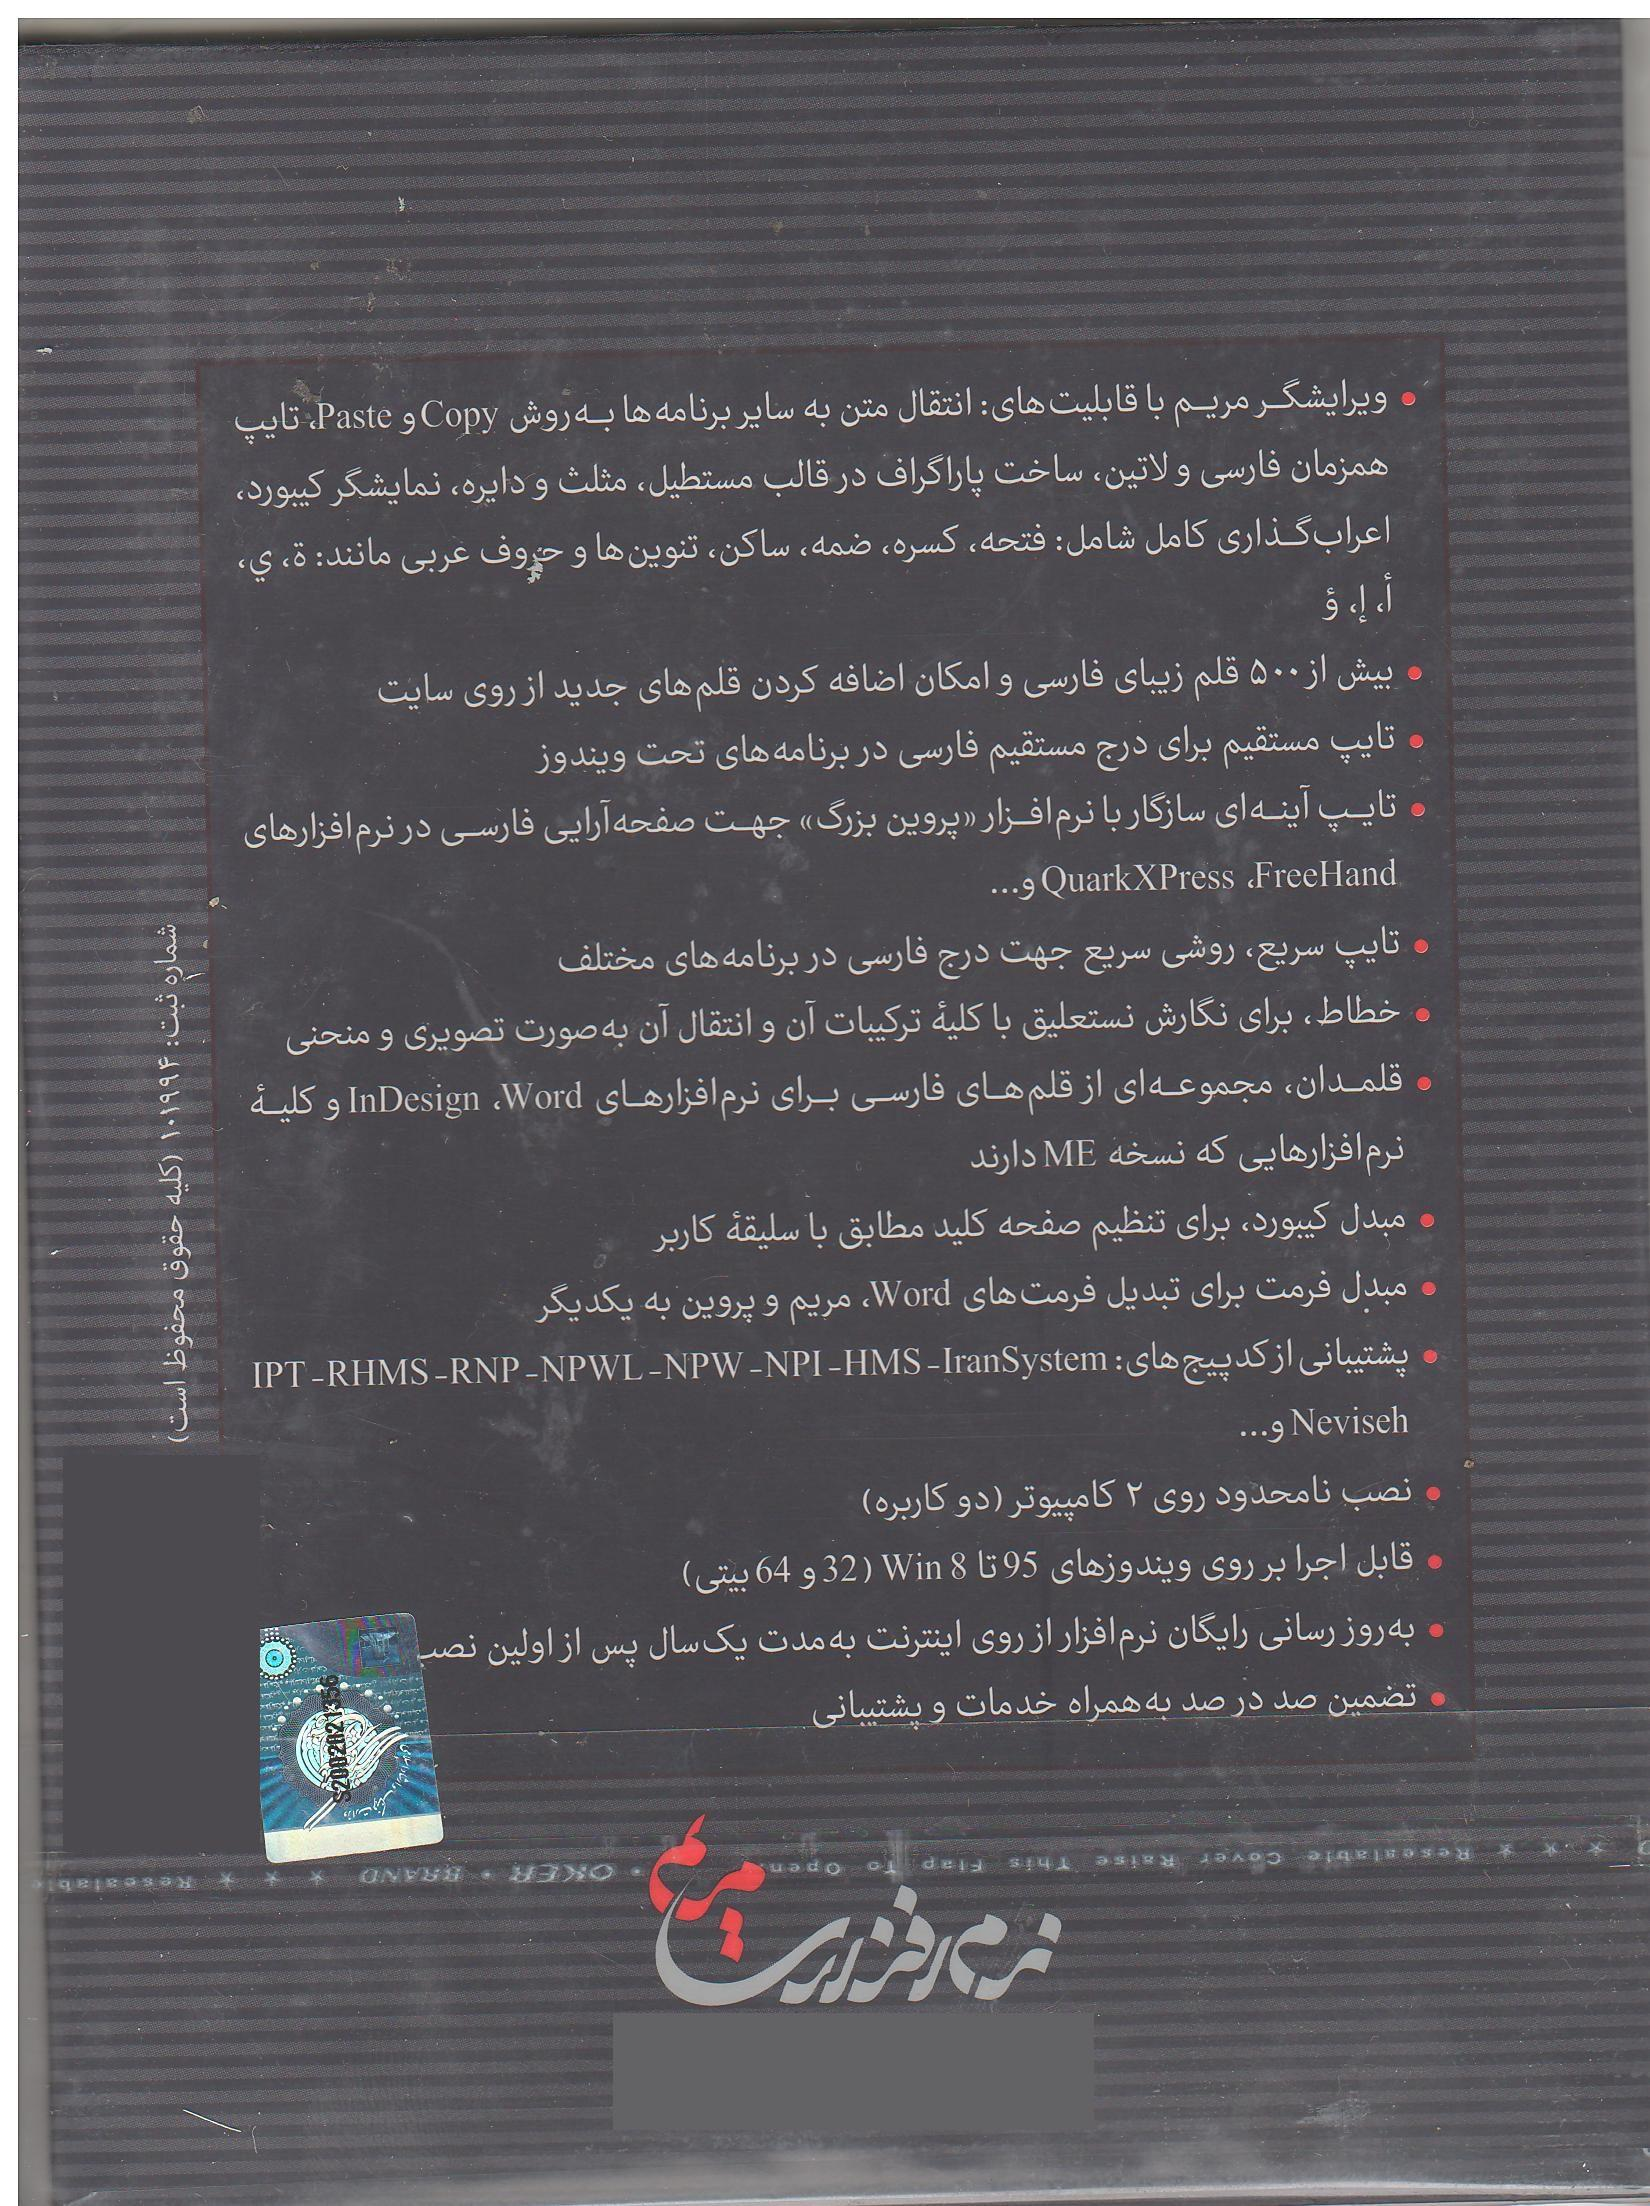 نرم افزار فارسی نویس مریم